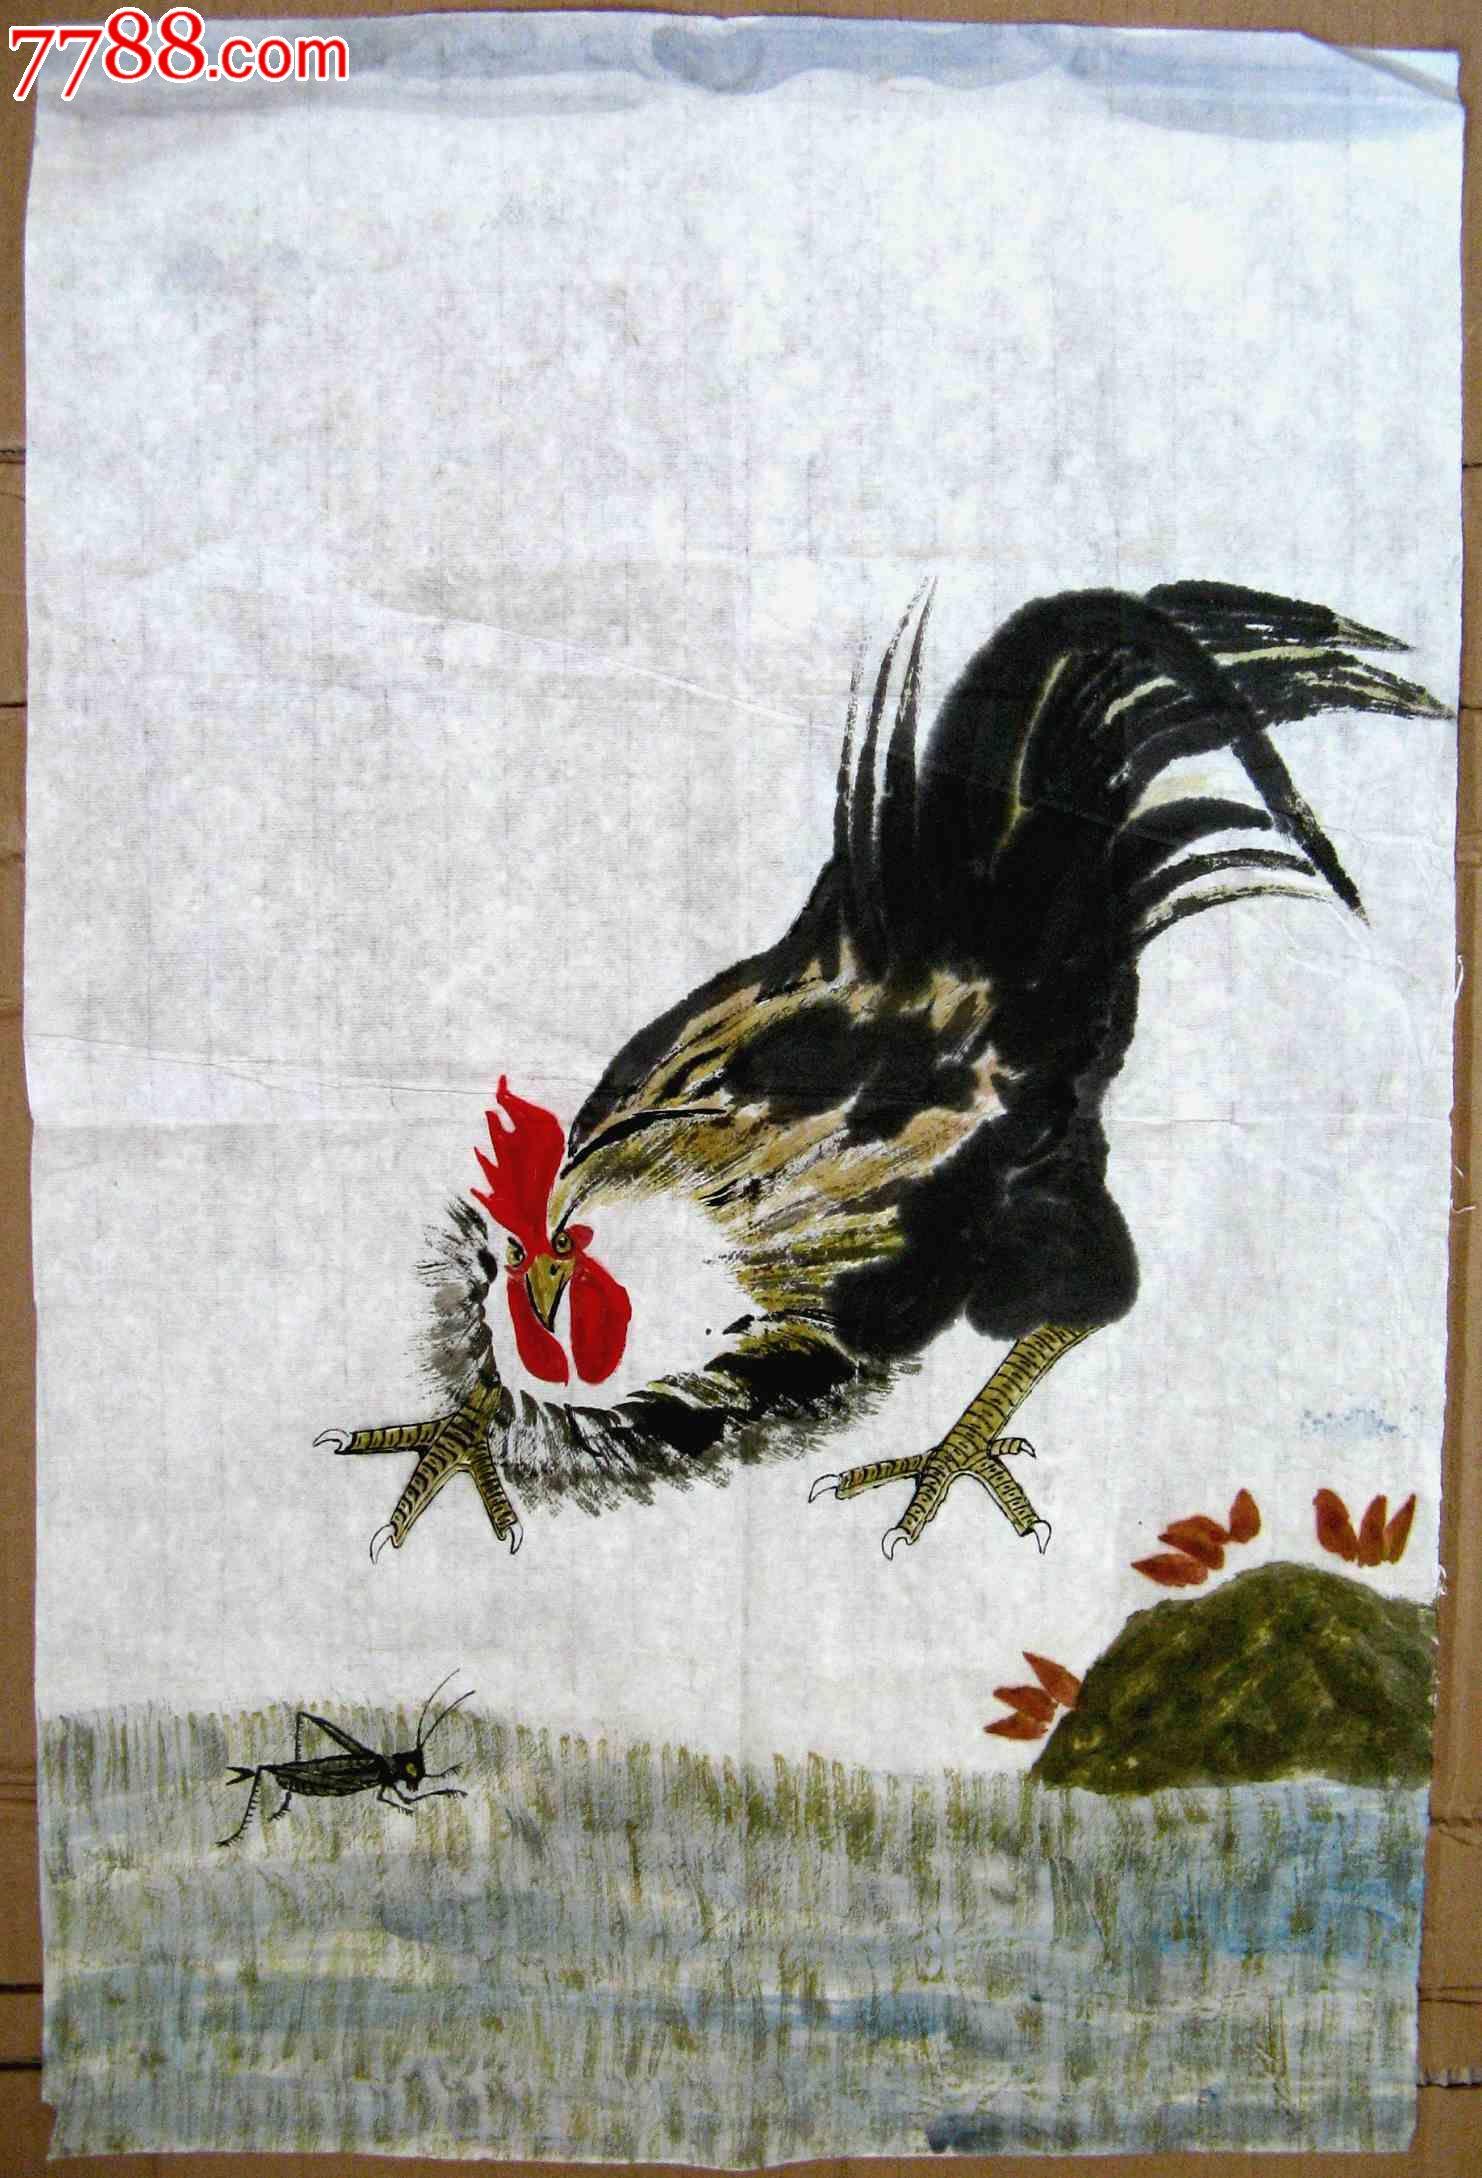 洋人大鸡吧_趣味盎然的四尺开三无款大鸡画:大鸡斗虫图